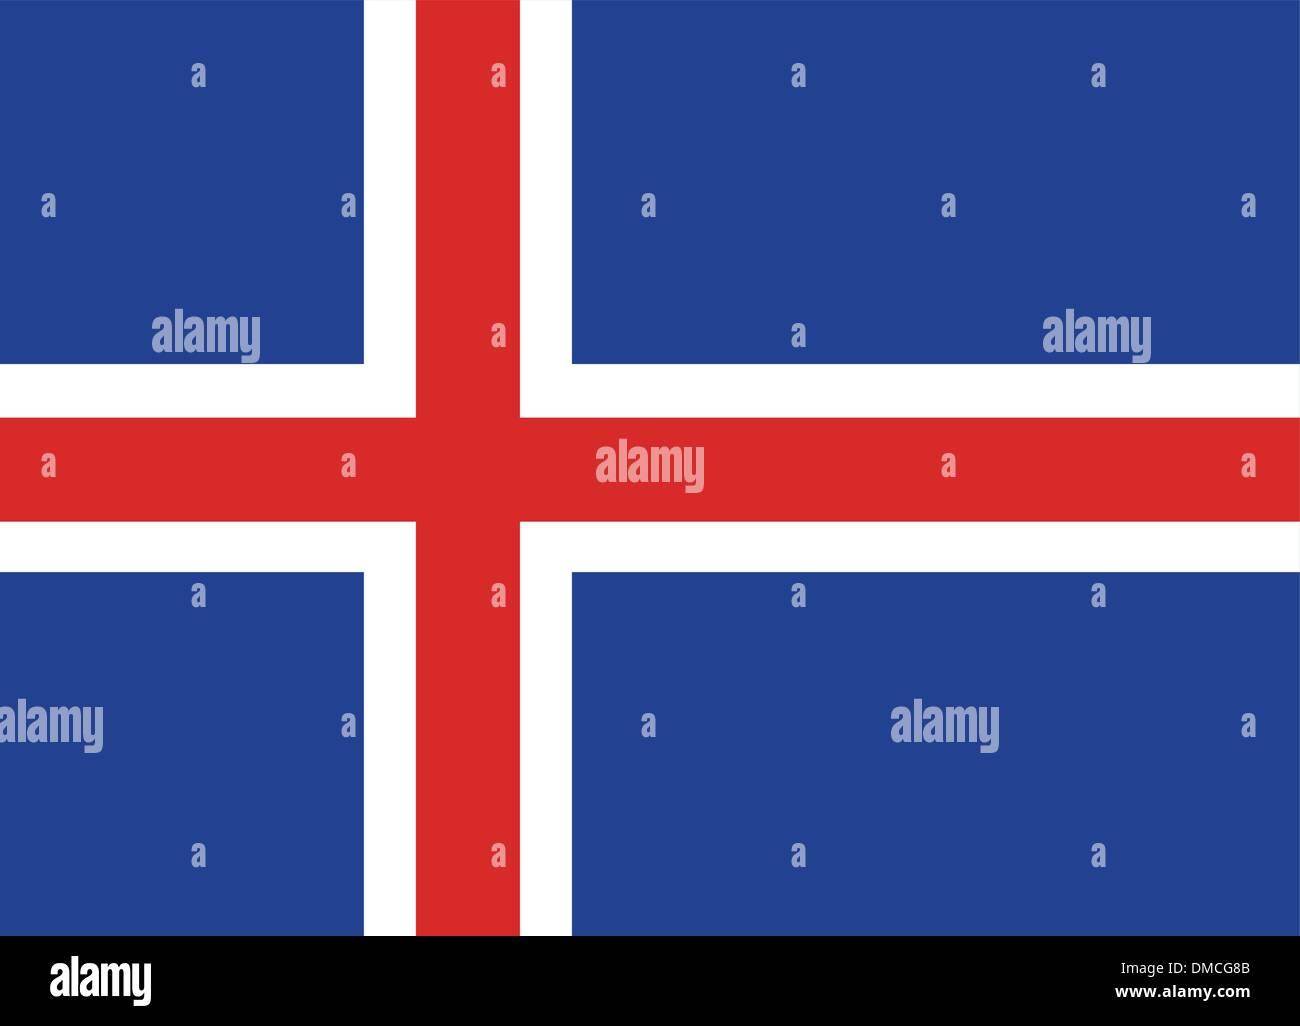 Flag of Iceland - Stock Image